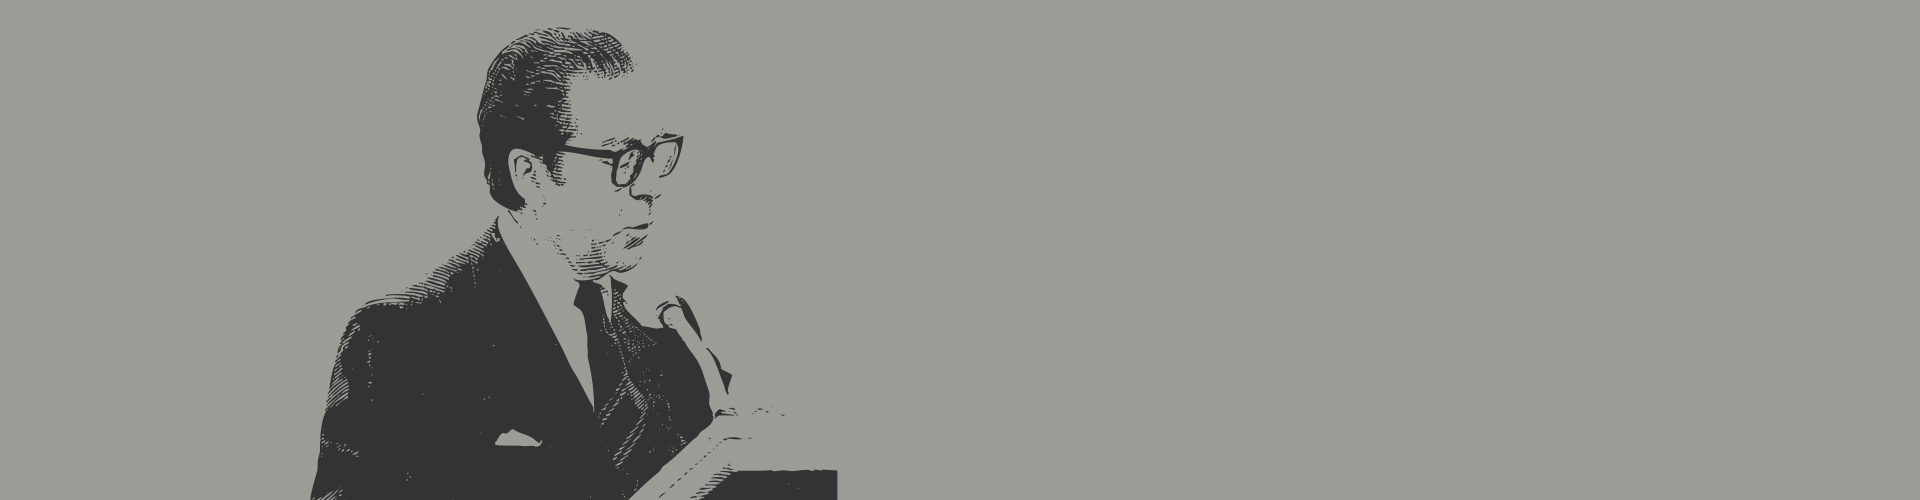 Víctor L. Urquidi y el nuevo concepto de América Latina en la posguerra